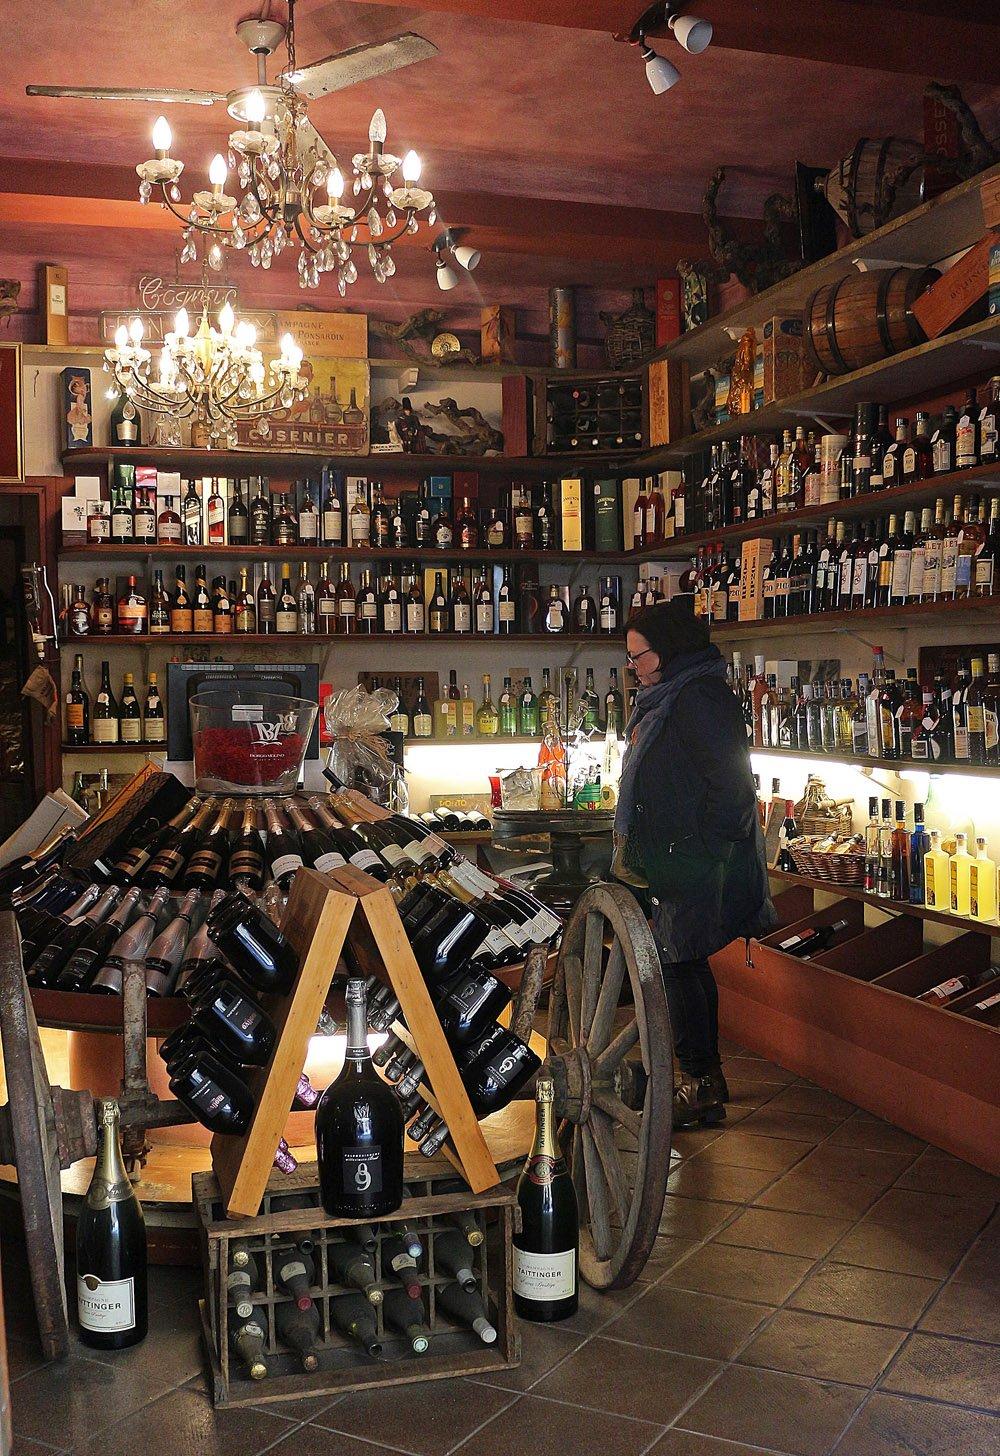 viinikauppa